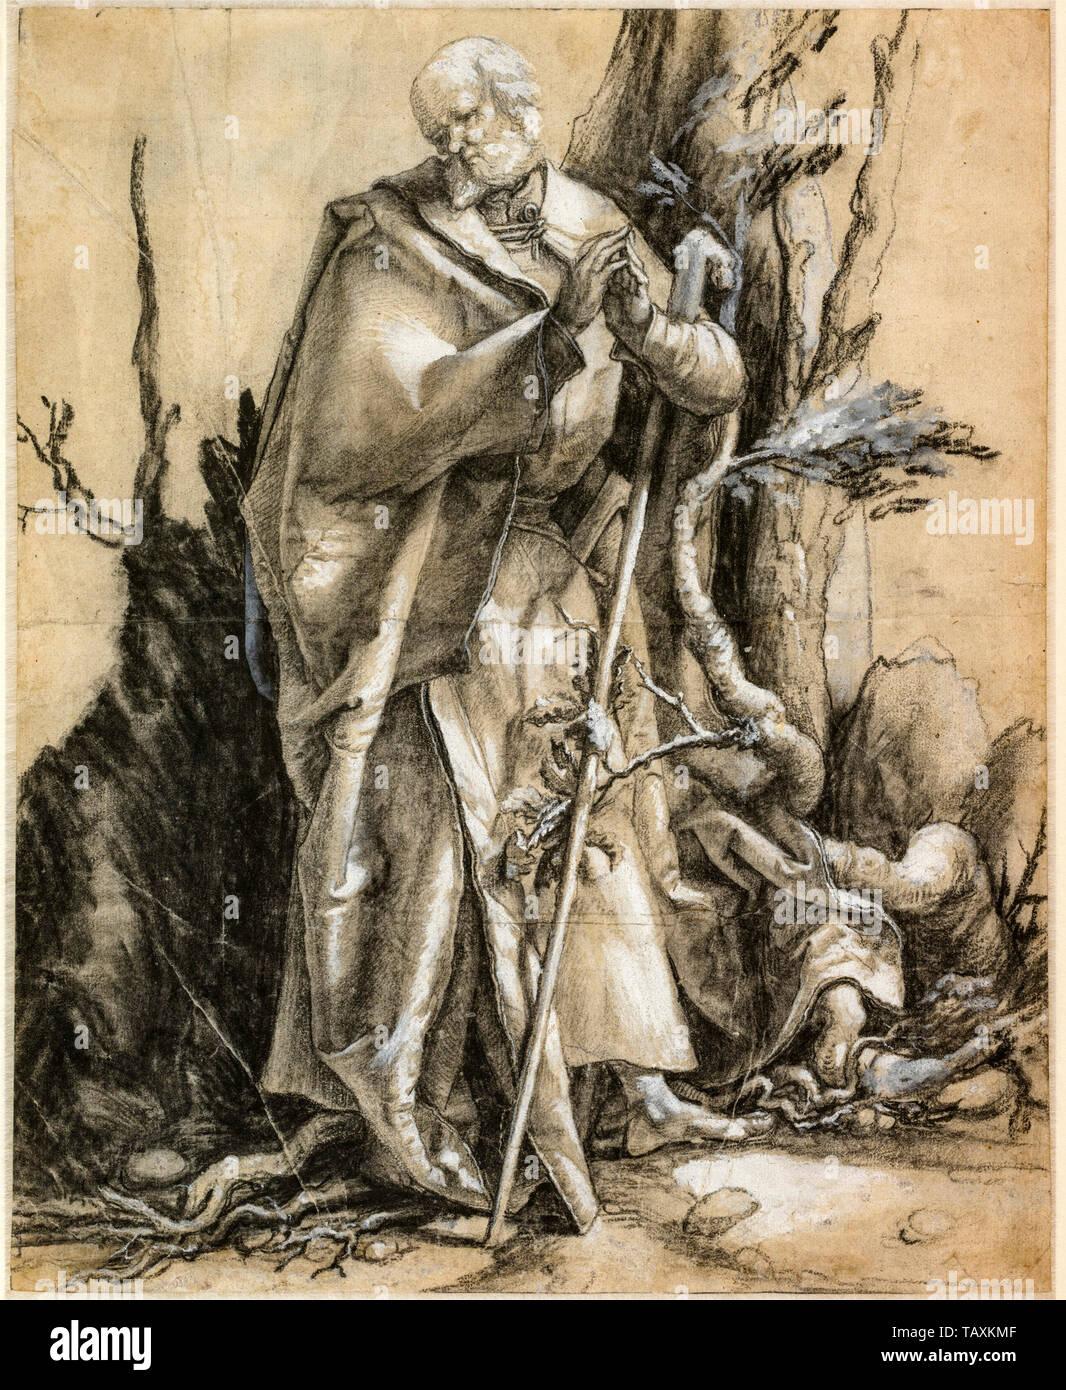 Albrecht Dürer, barbado San en un bosque, dibujo, circa 1516 Foto de stock